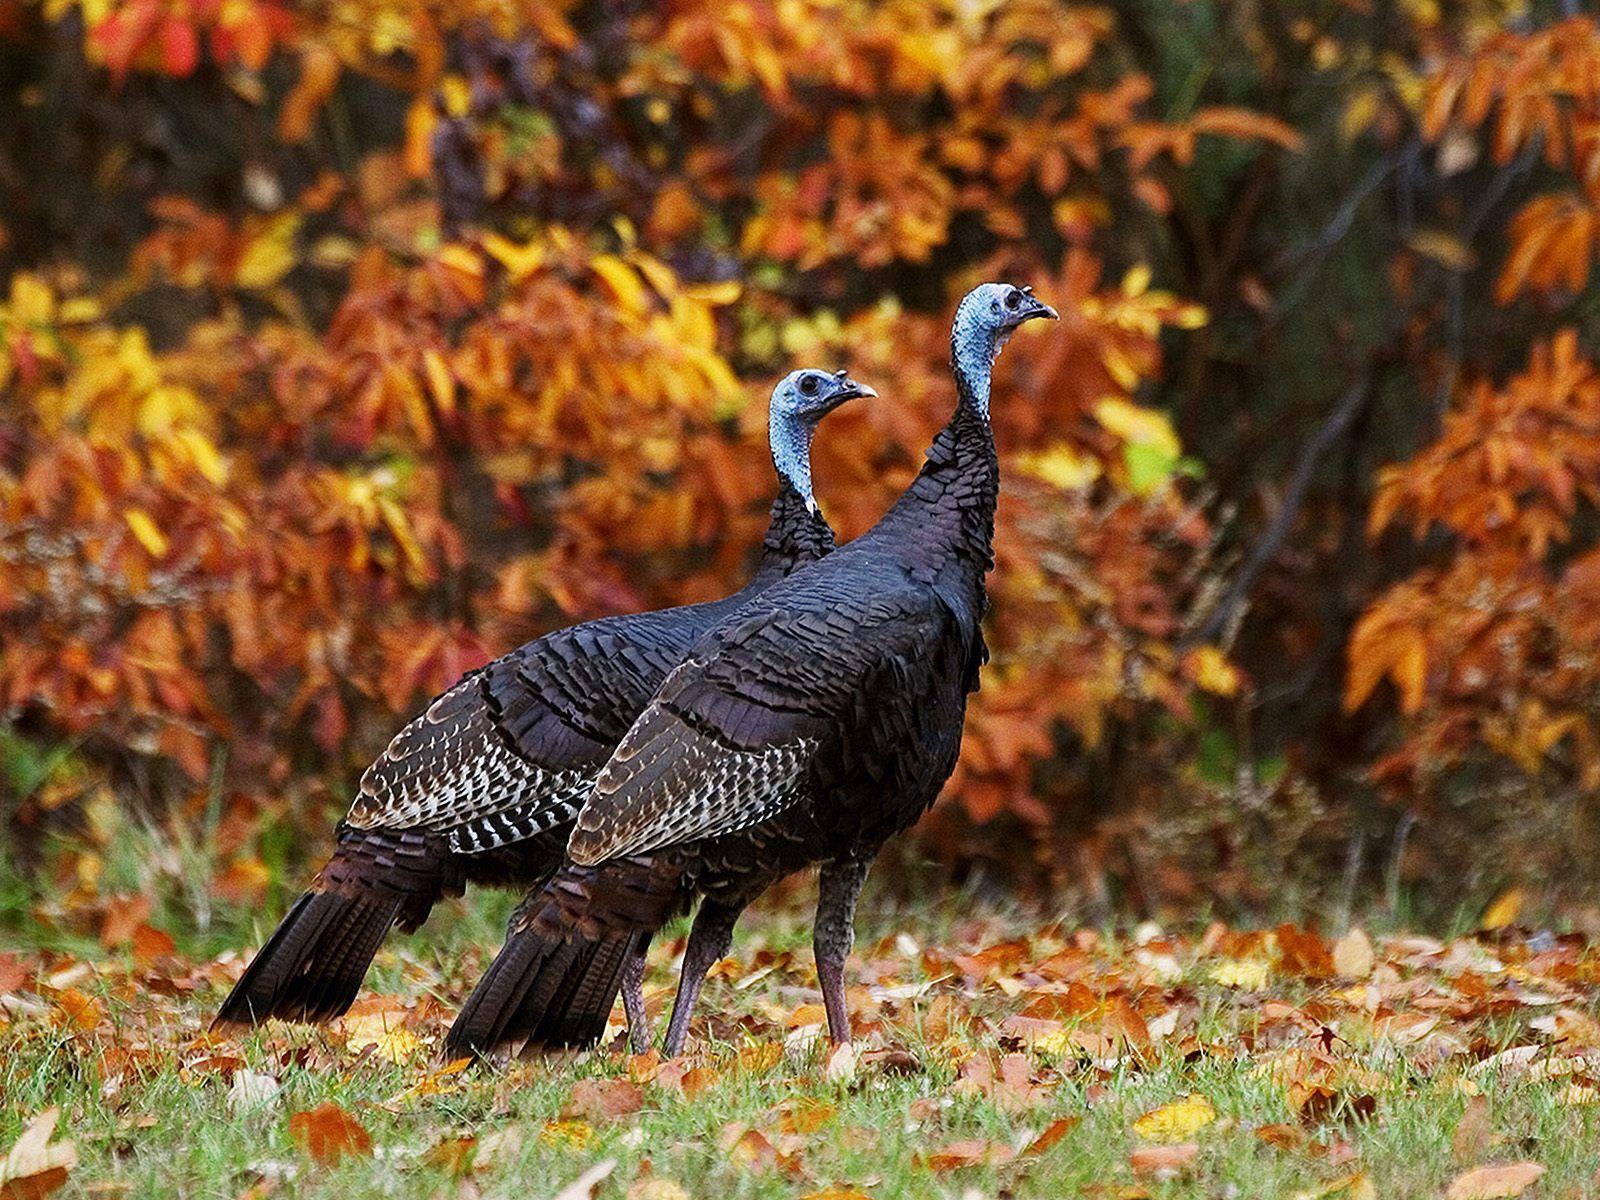 Fall Wallpaper Free Hq Wild Turkeys In Autumn Wallpaper Free Hq Wallpapers Autumn Animals Wild Animal Wallpaper Animals Wild